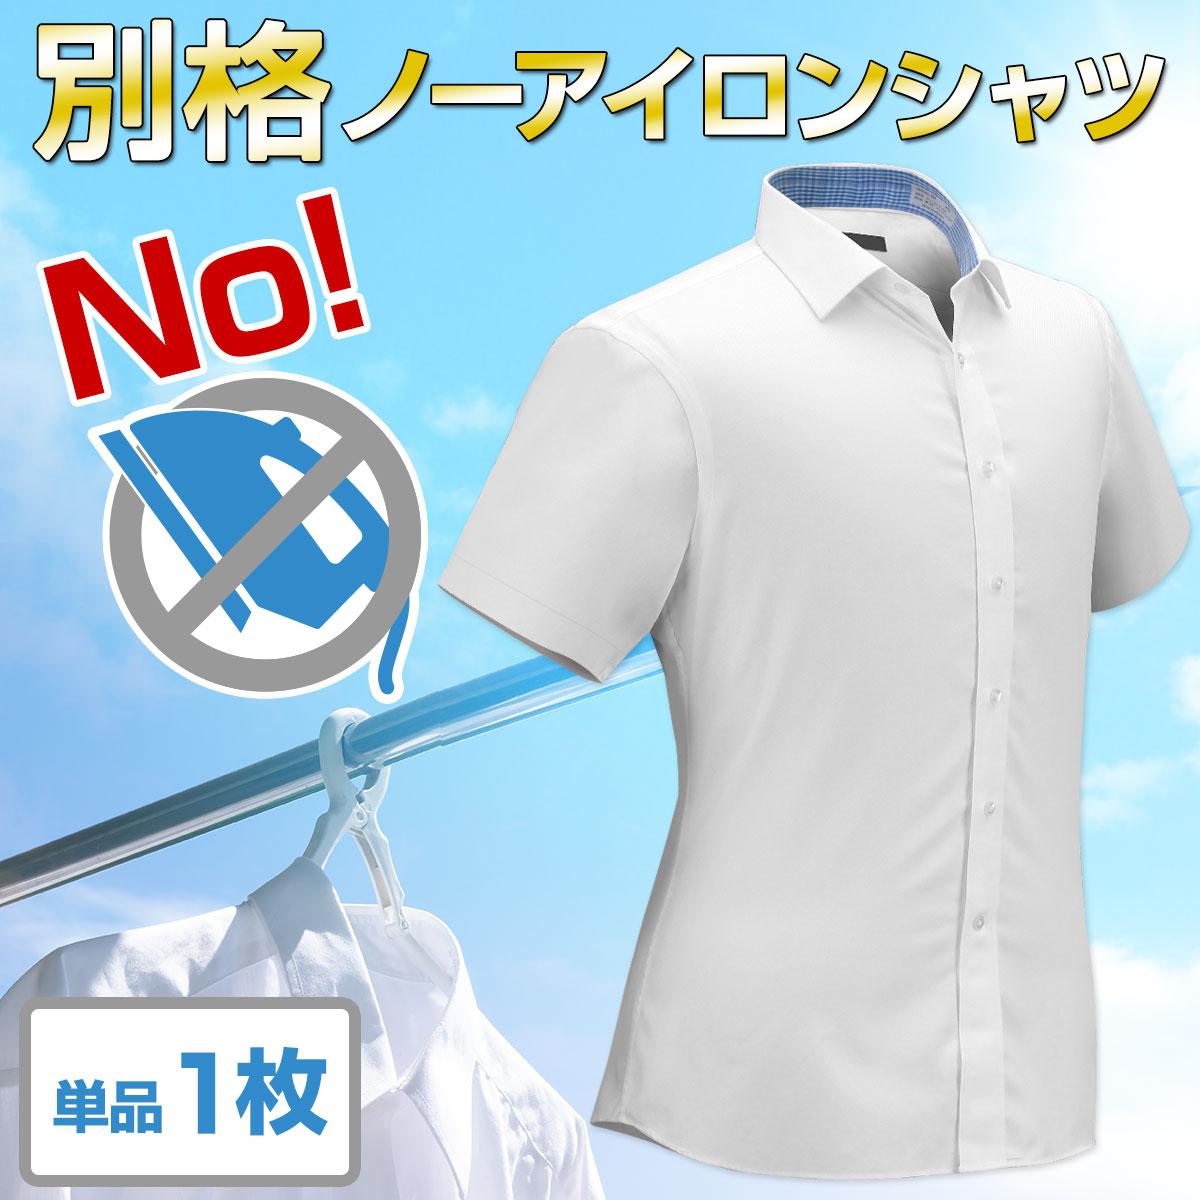 アイキャッチからシャツの説明